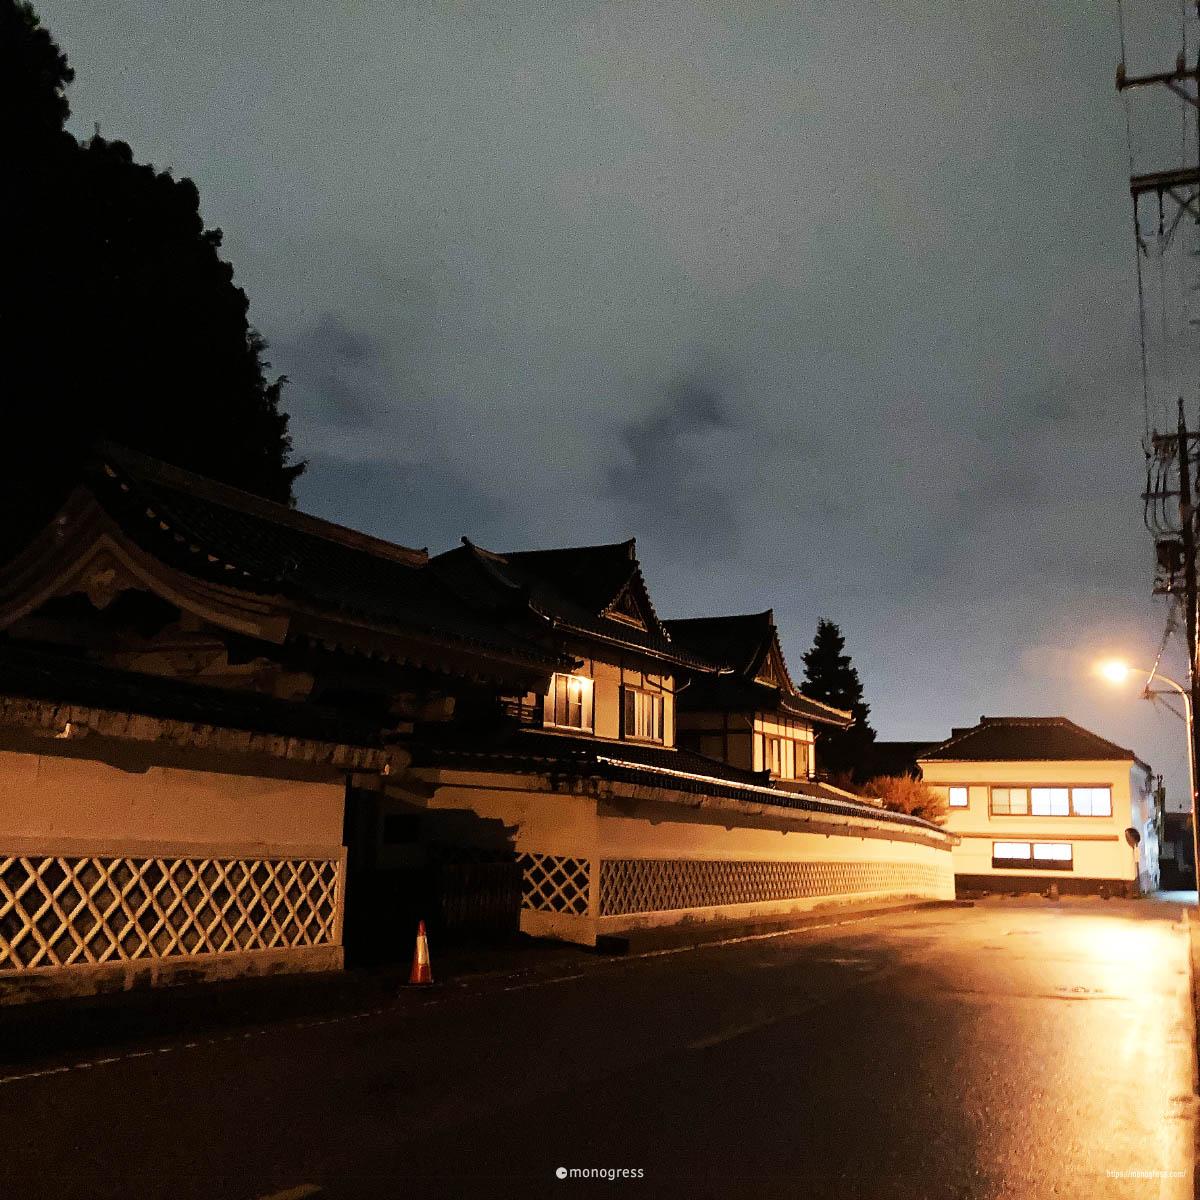 善光寺 付近の宿坊と夜